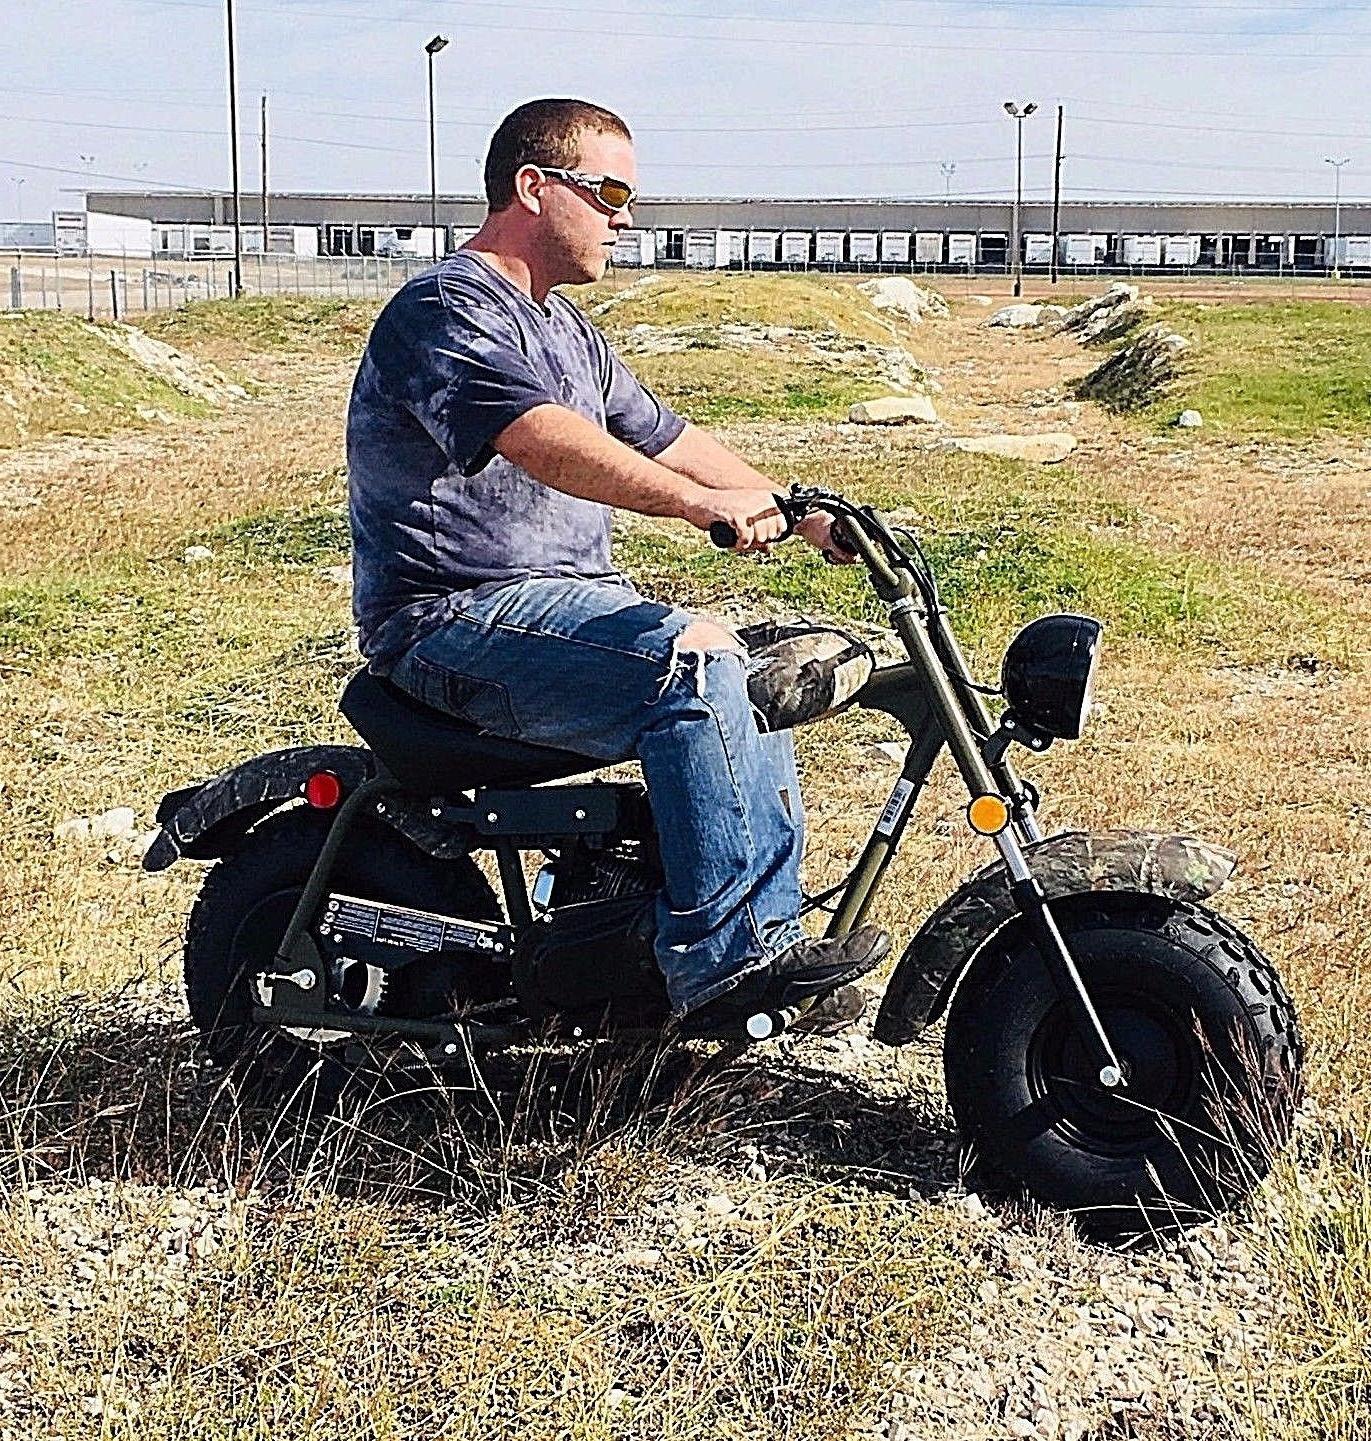 massimo mb200 supersized 196cc mini bike free